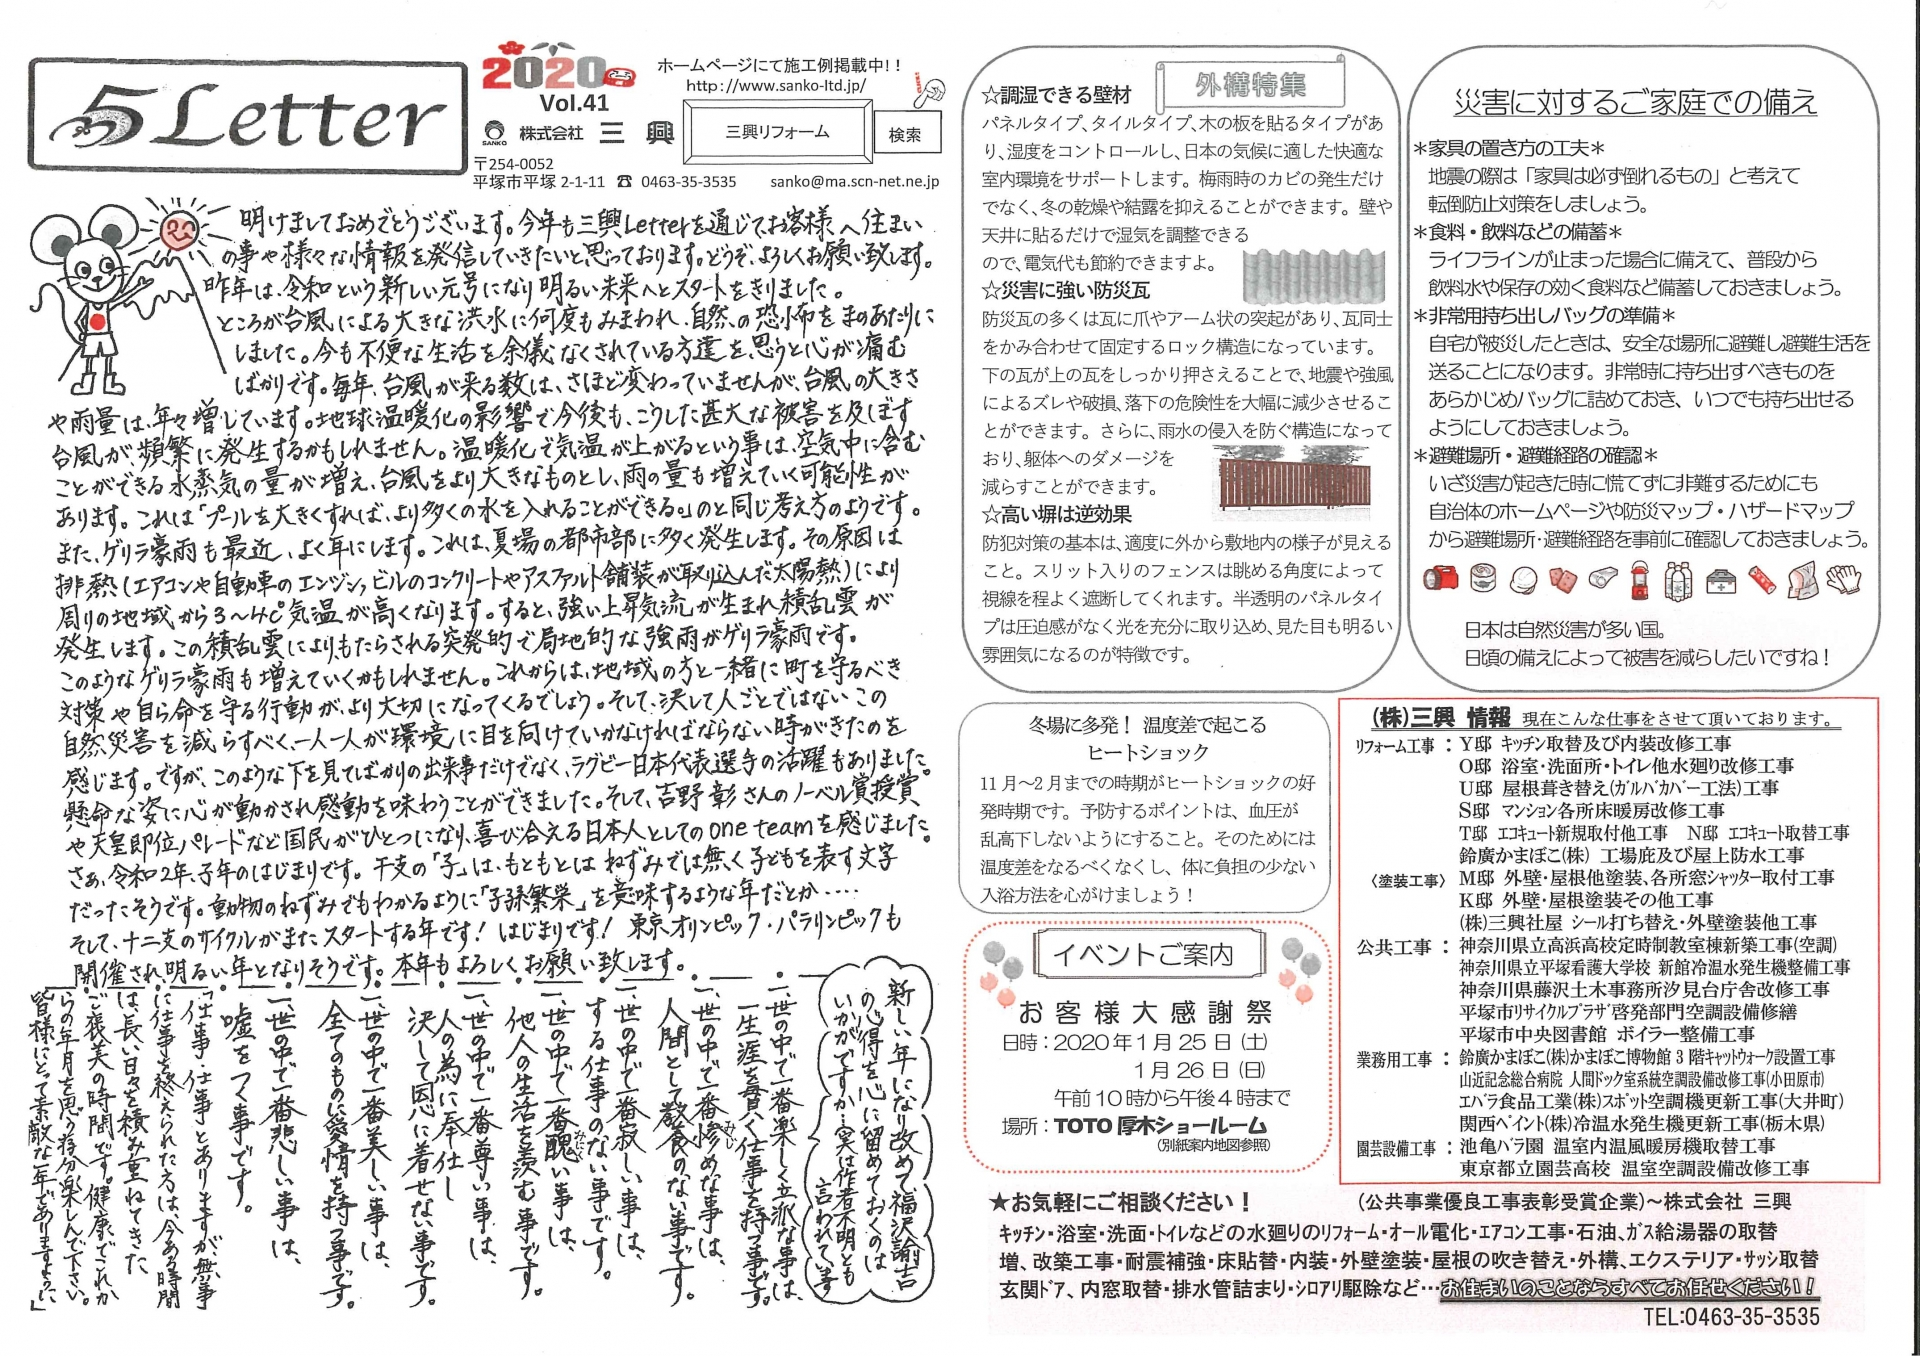 最新号35レター出ました!(vol.41)